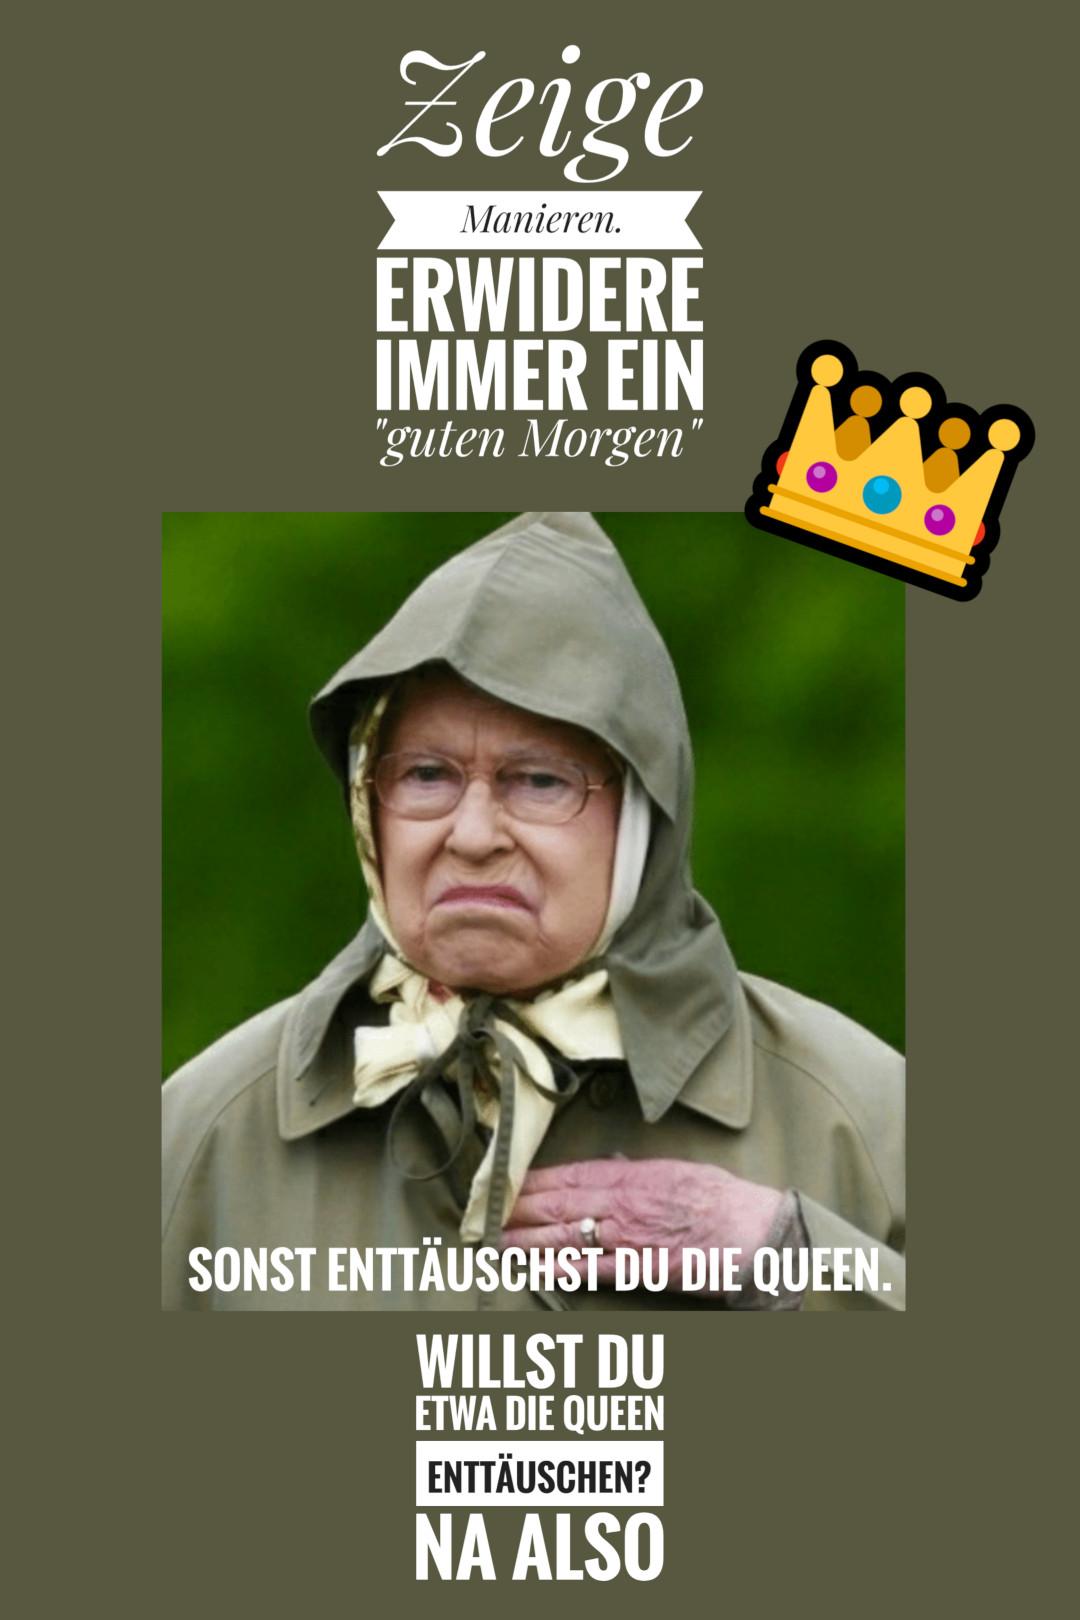 Sag guten Morgen. Sonst enttäuschst du die Queen!👵👑